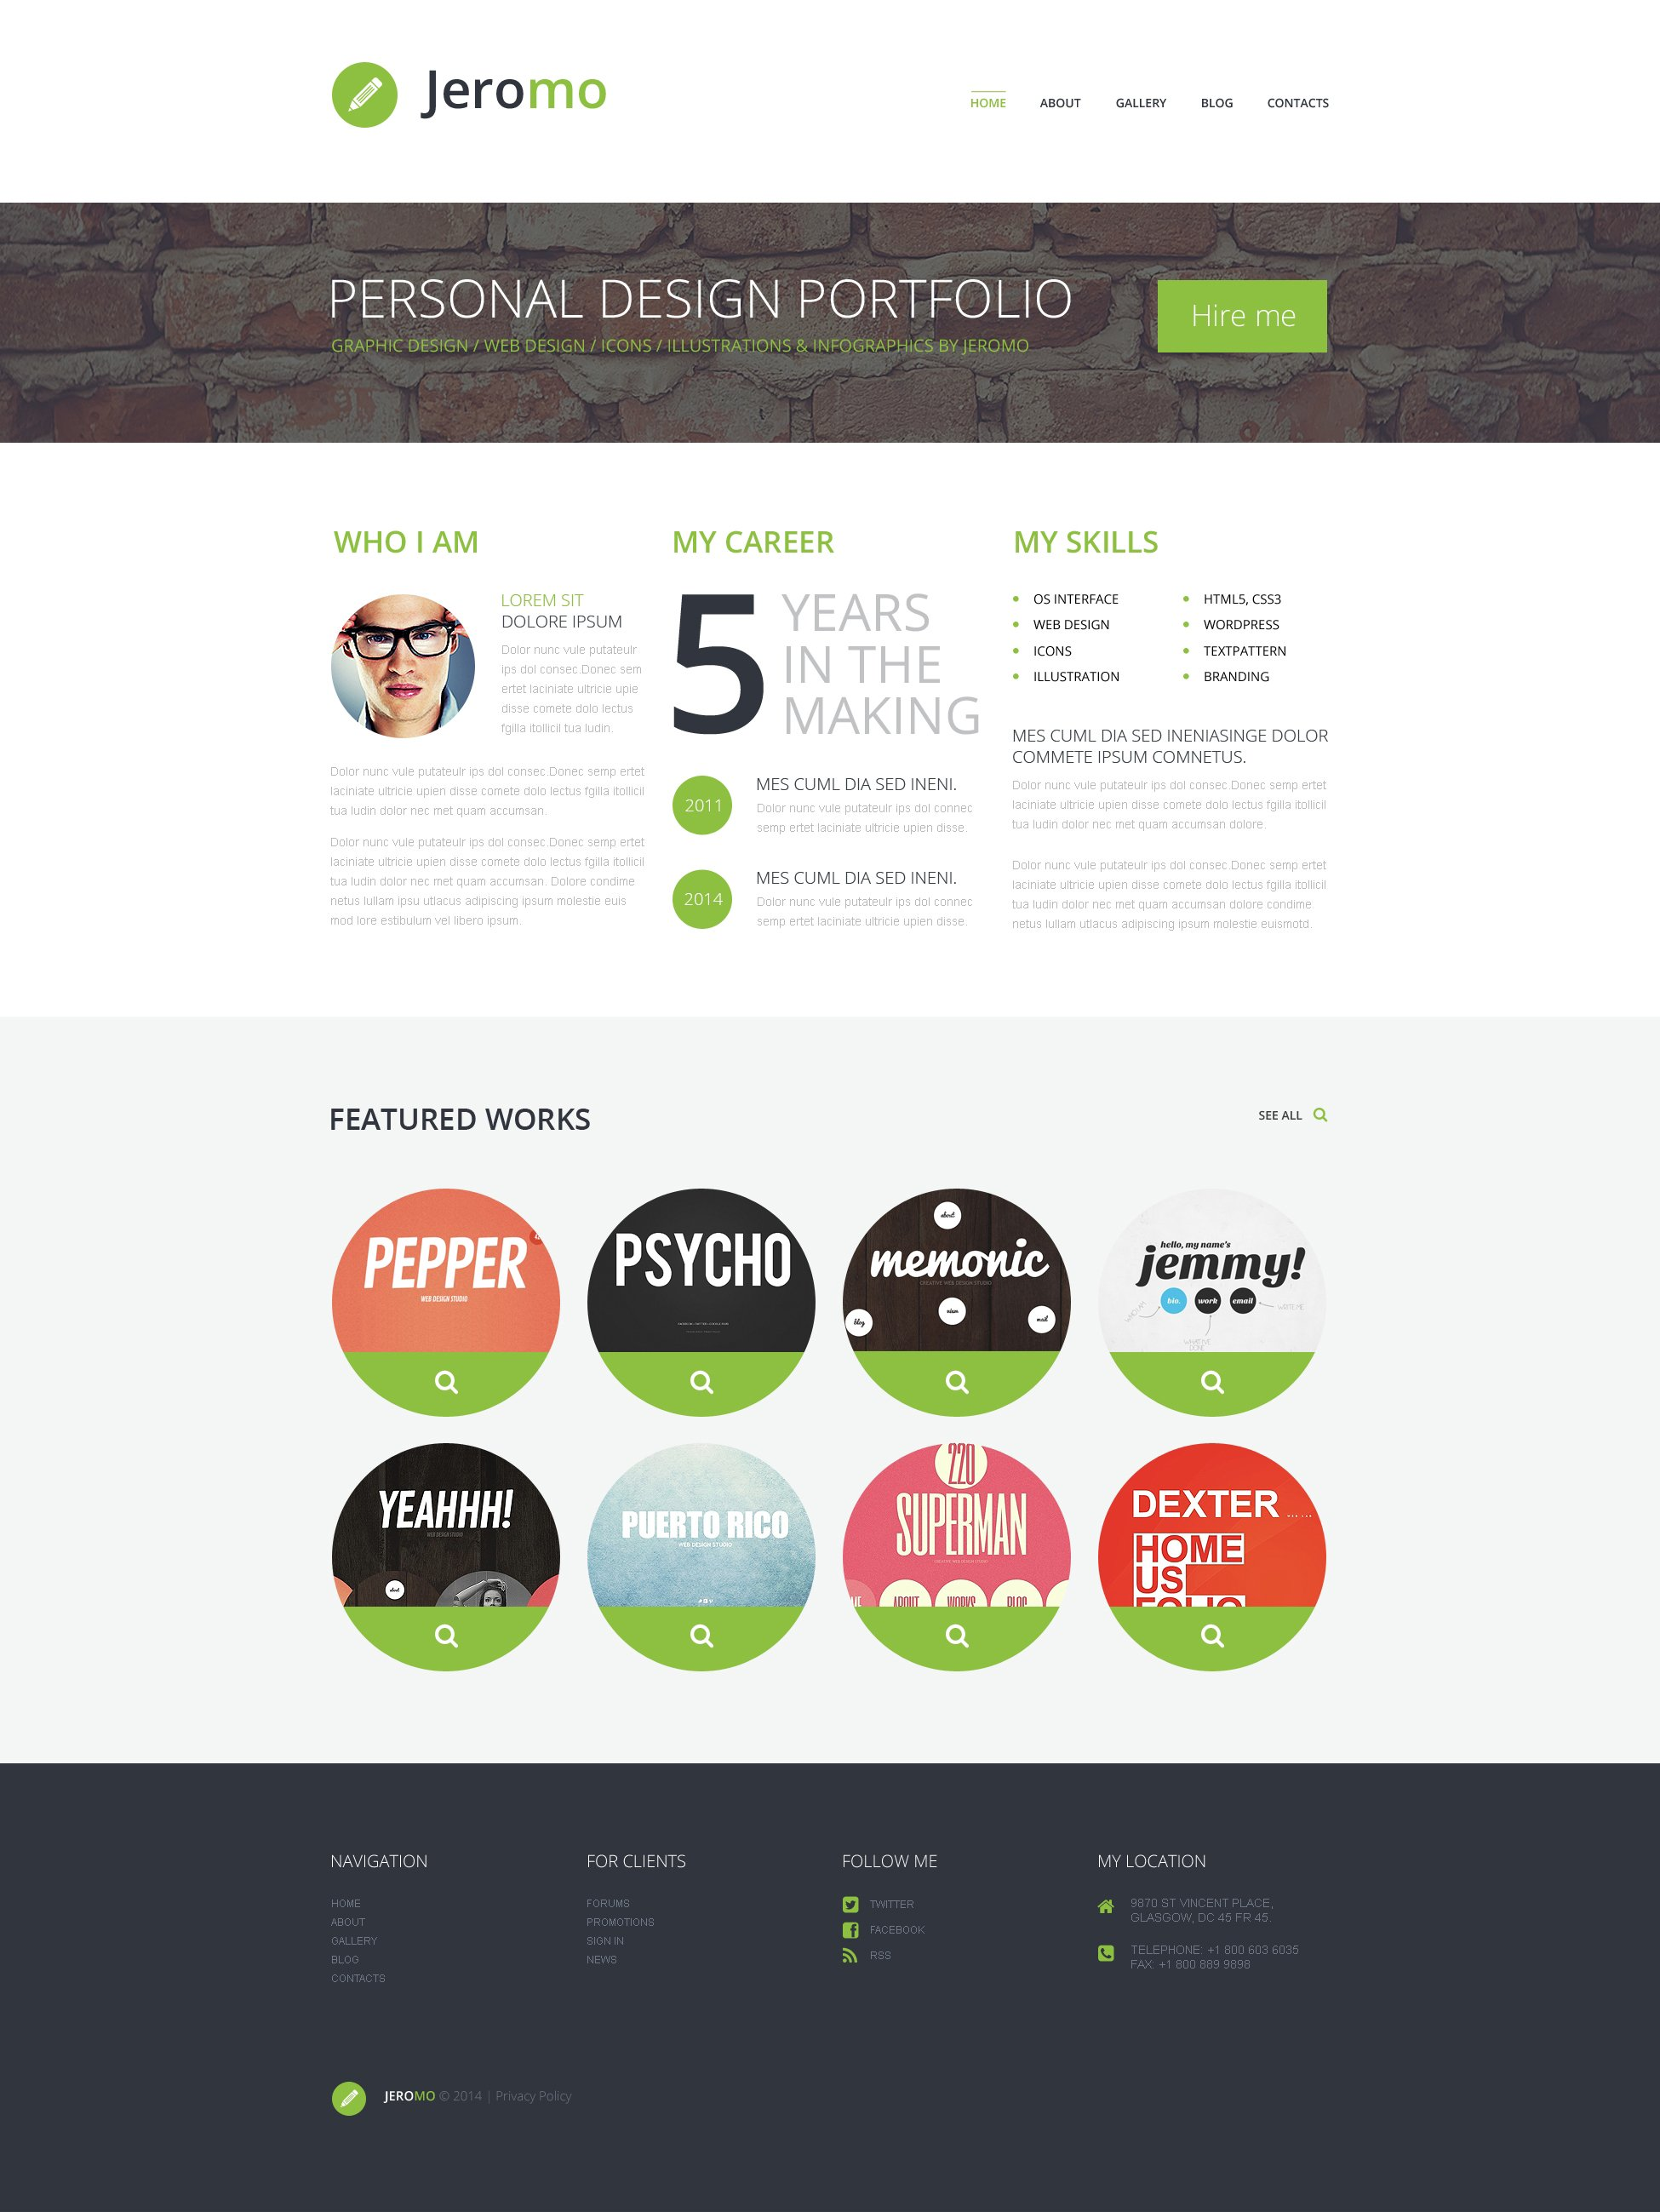 Personal Design Portfolio №50534 - скриншот